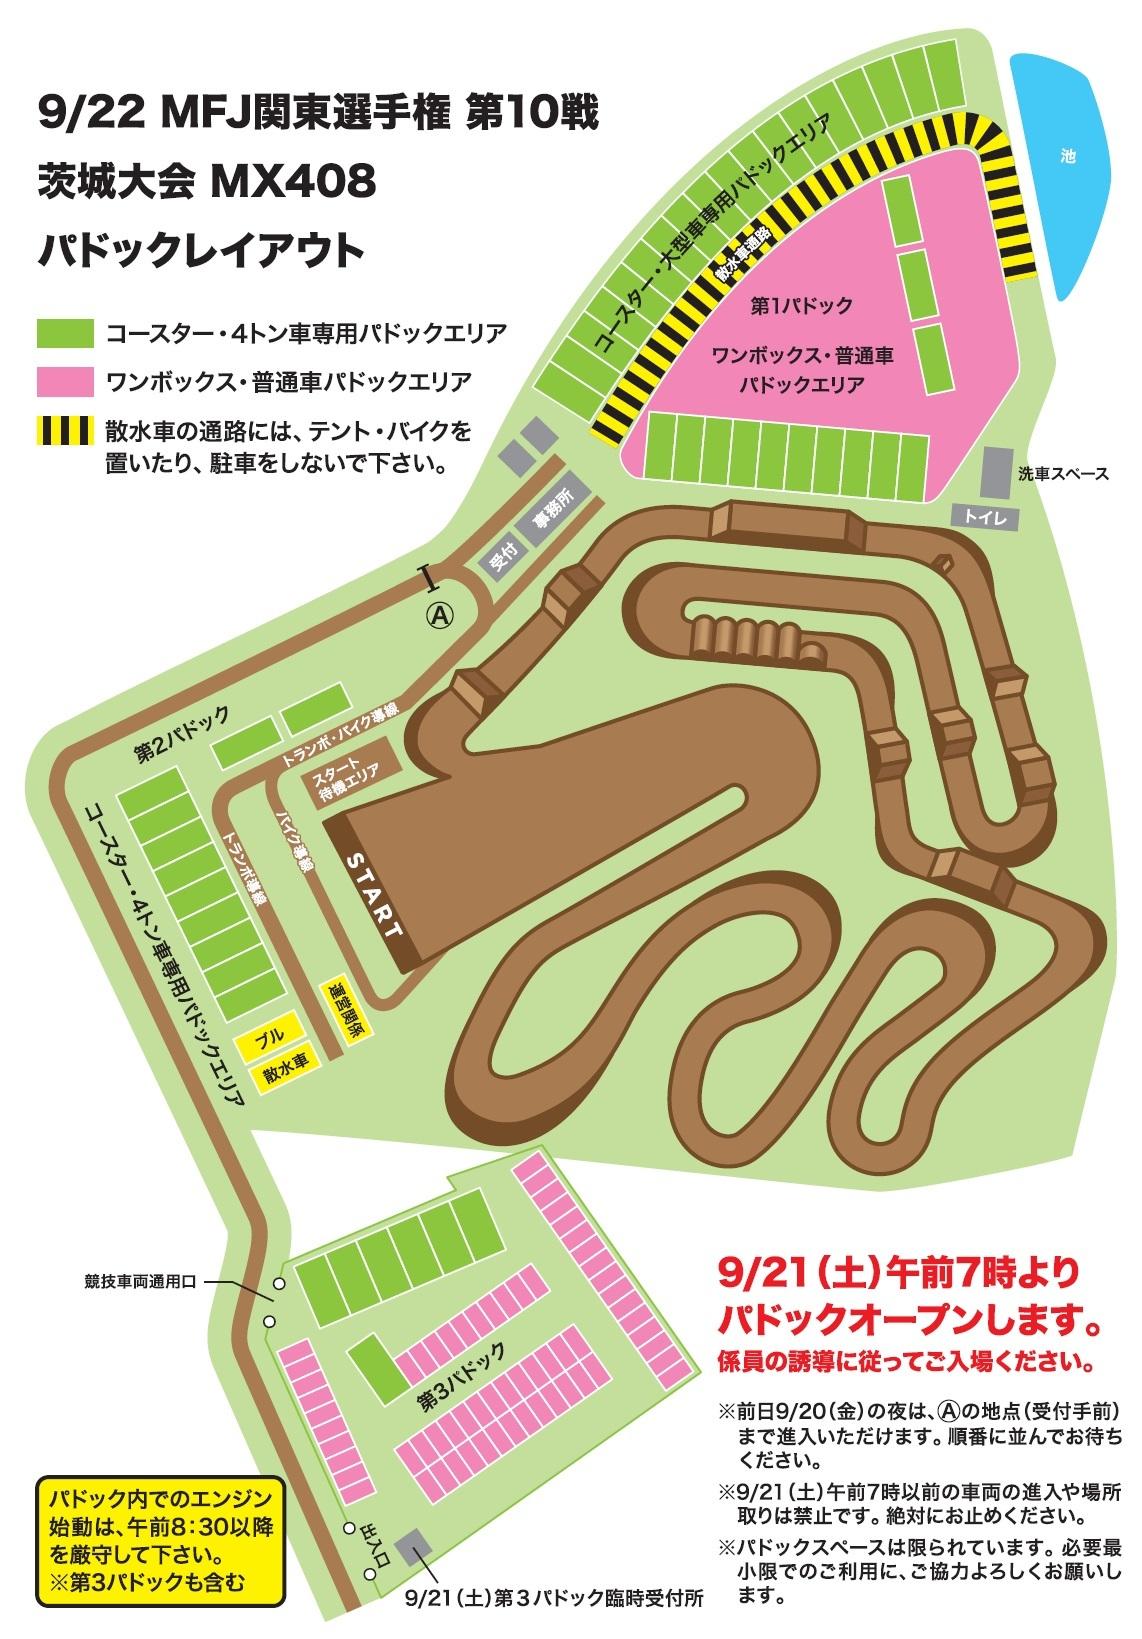 9/21(土曜日)のコース営業について、関東選エントリーされている方へ_f0062361_18250407.jpg